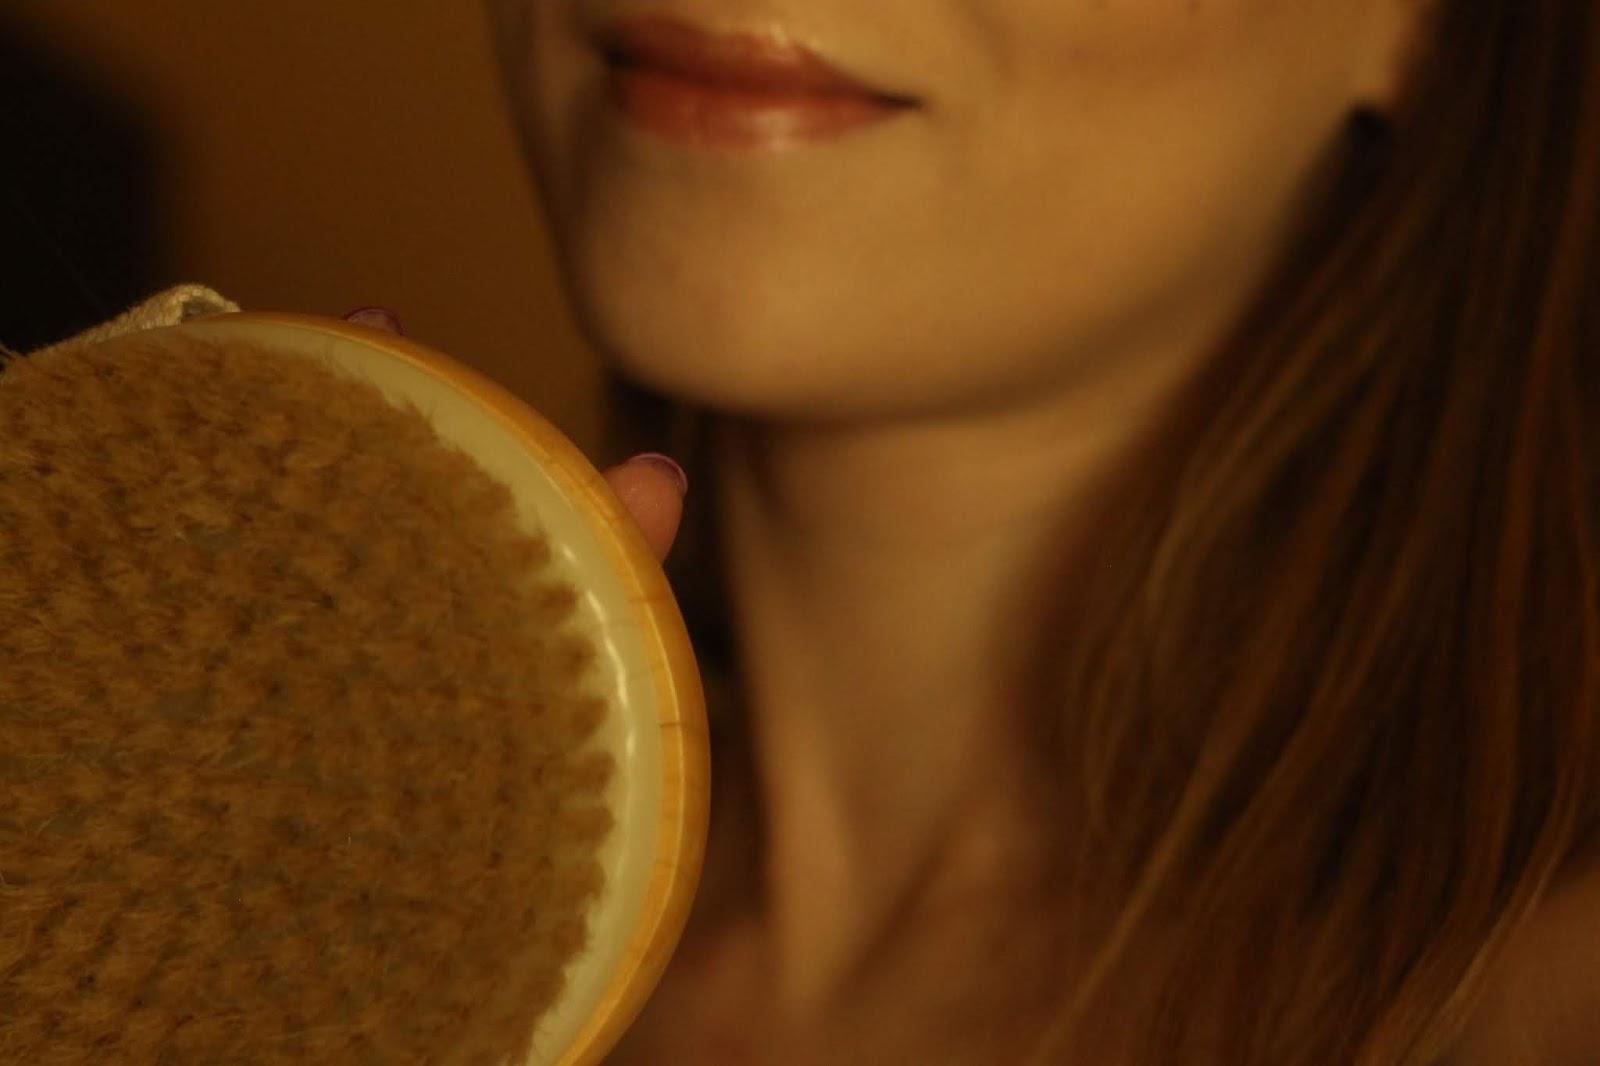 Szczotkowanie ciała i po co po każdym prysznicu stosuję olejek?